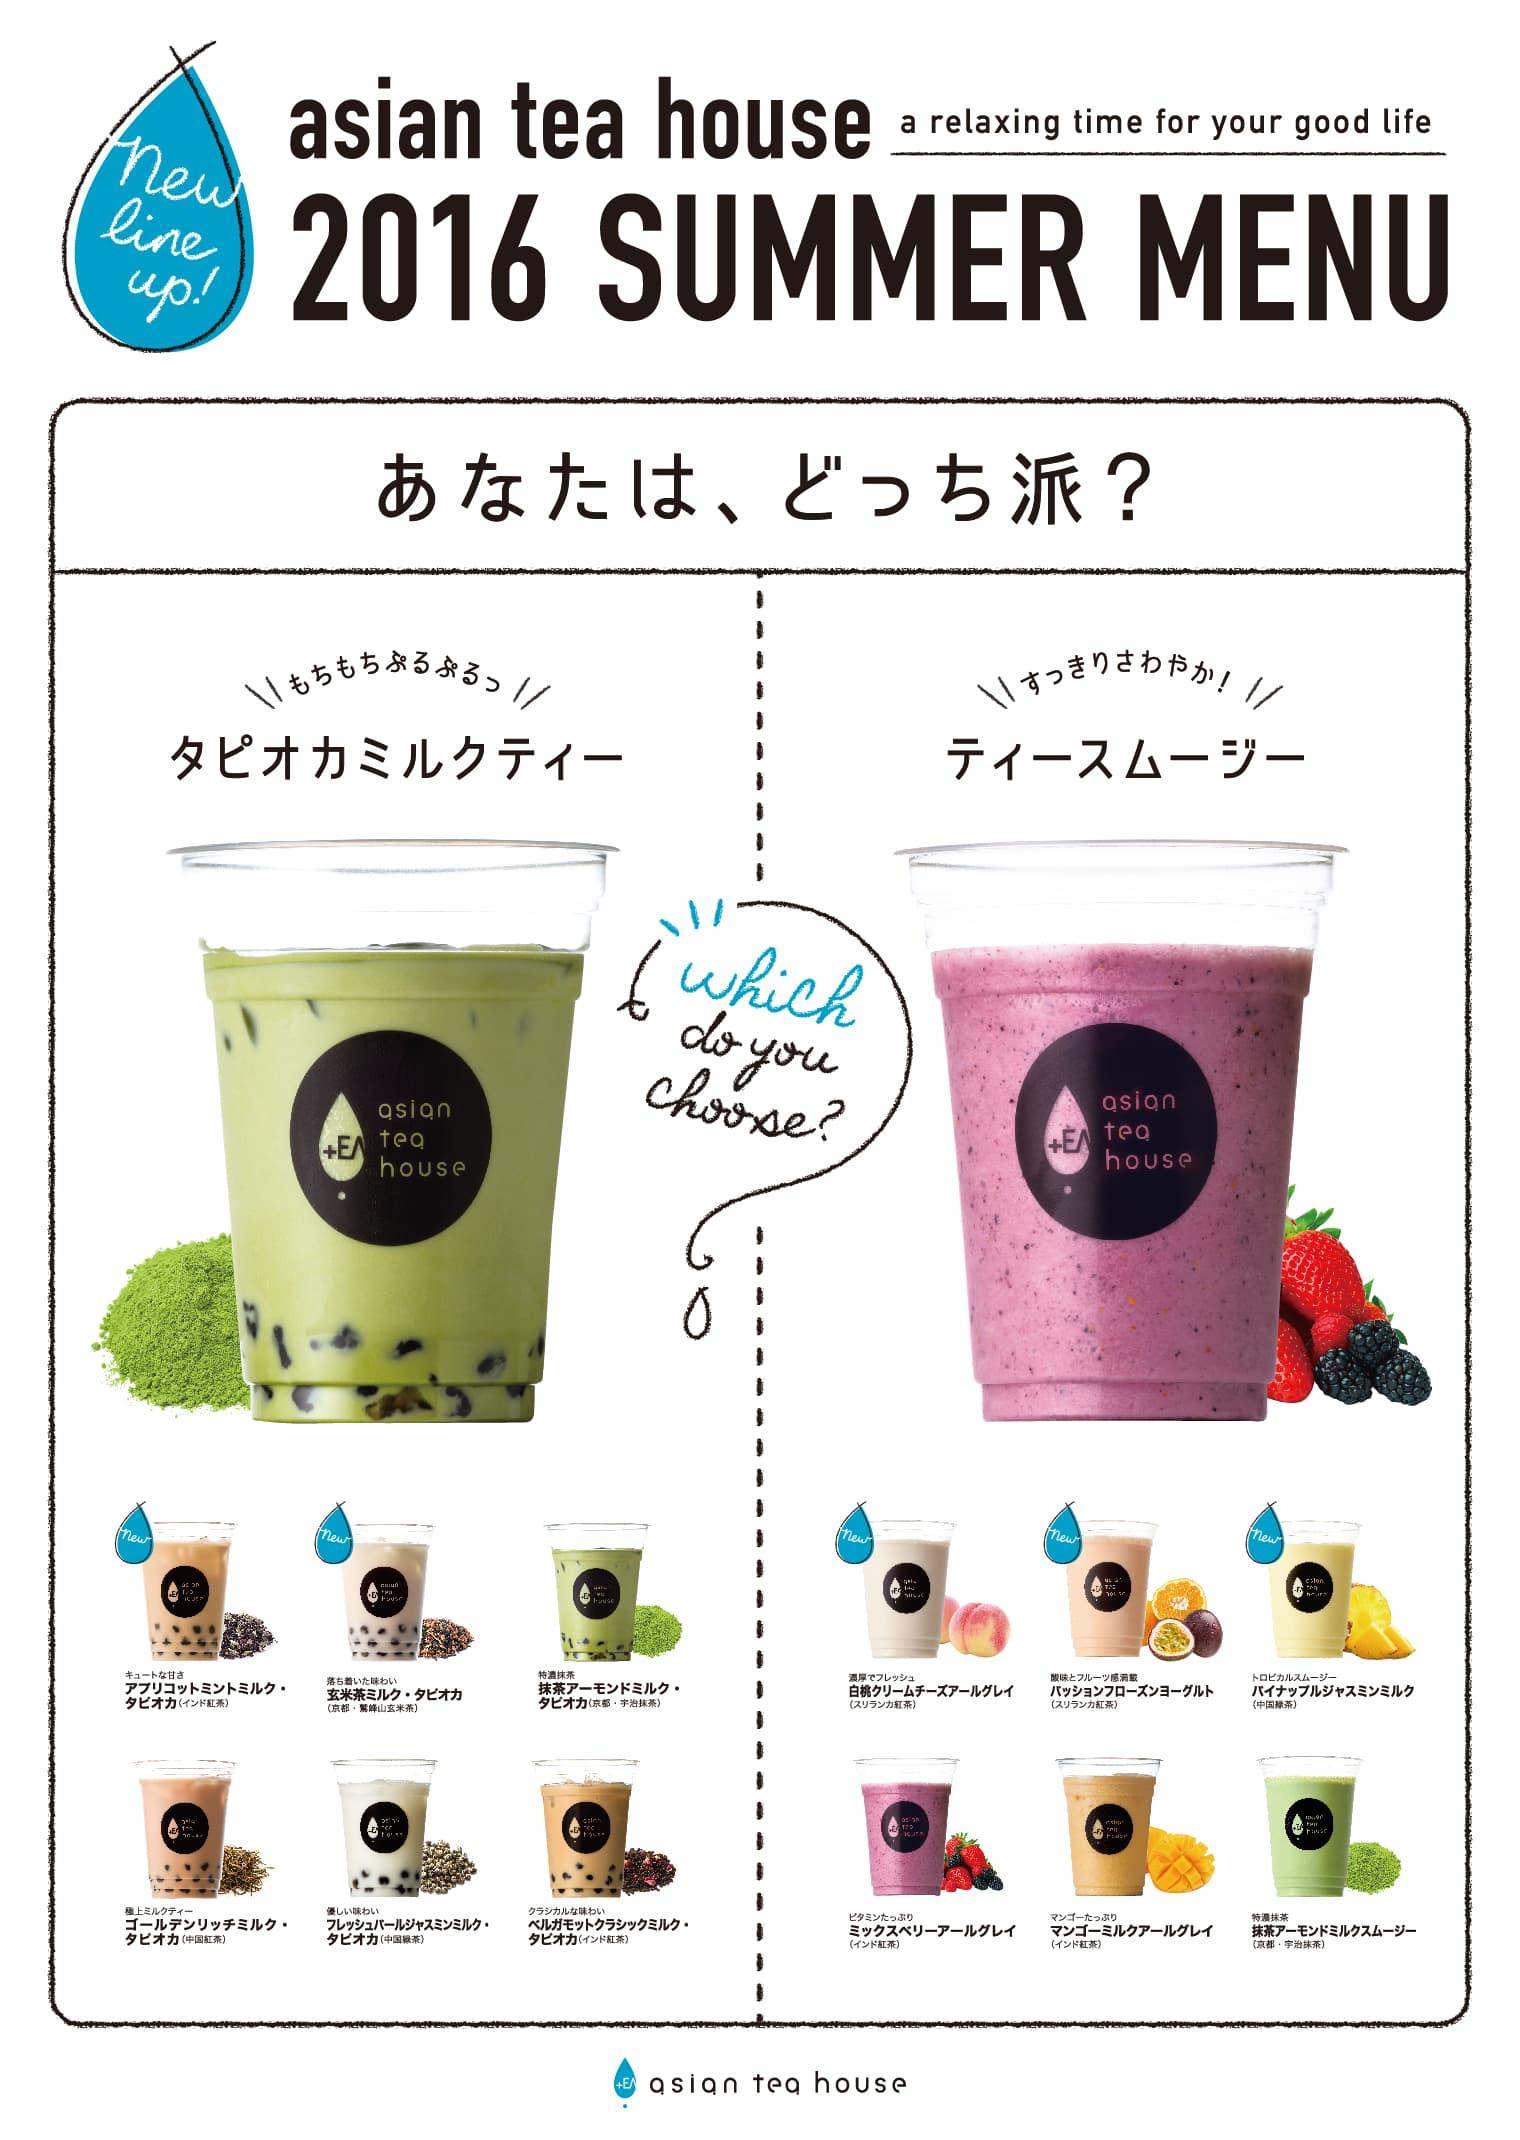 11 - ตัวอย่างป้ายเมนูเครื่องดื่มกาแฟ เมนูอาหารดีไซน์สไตล์ญี่ปุ่น